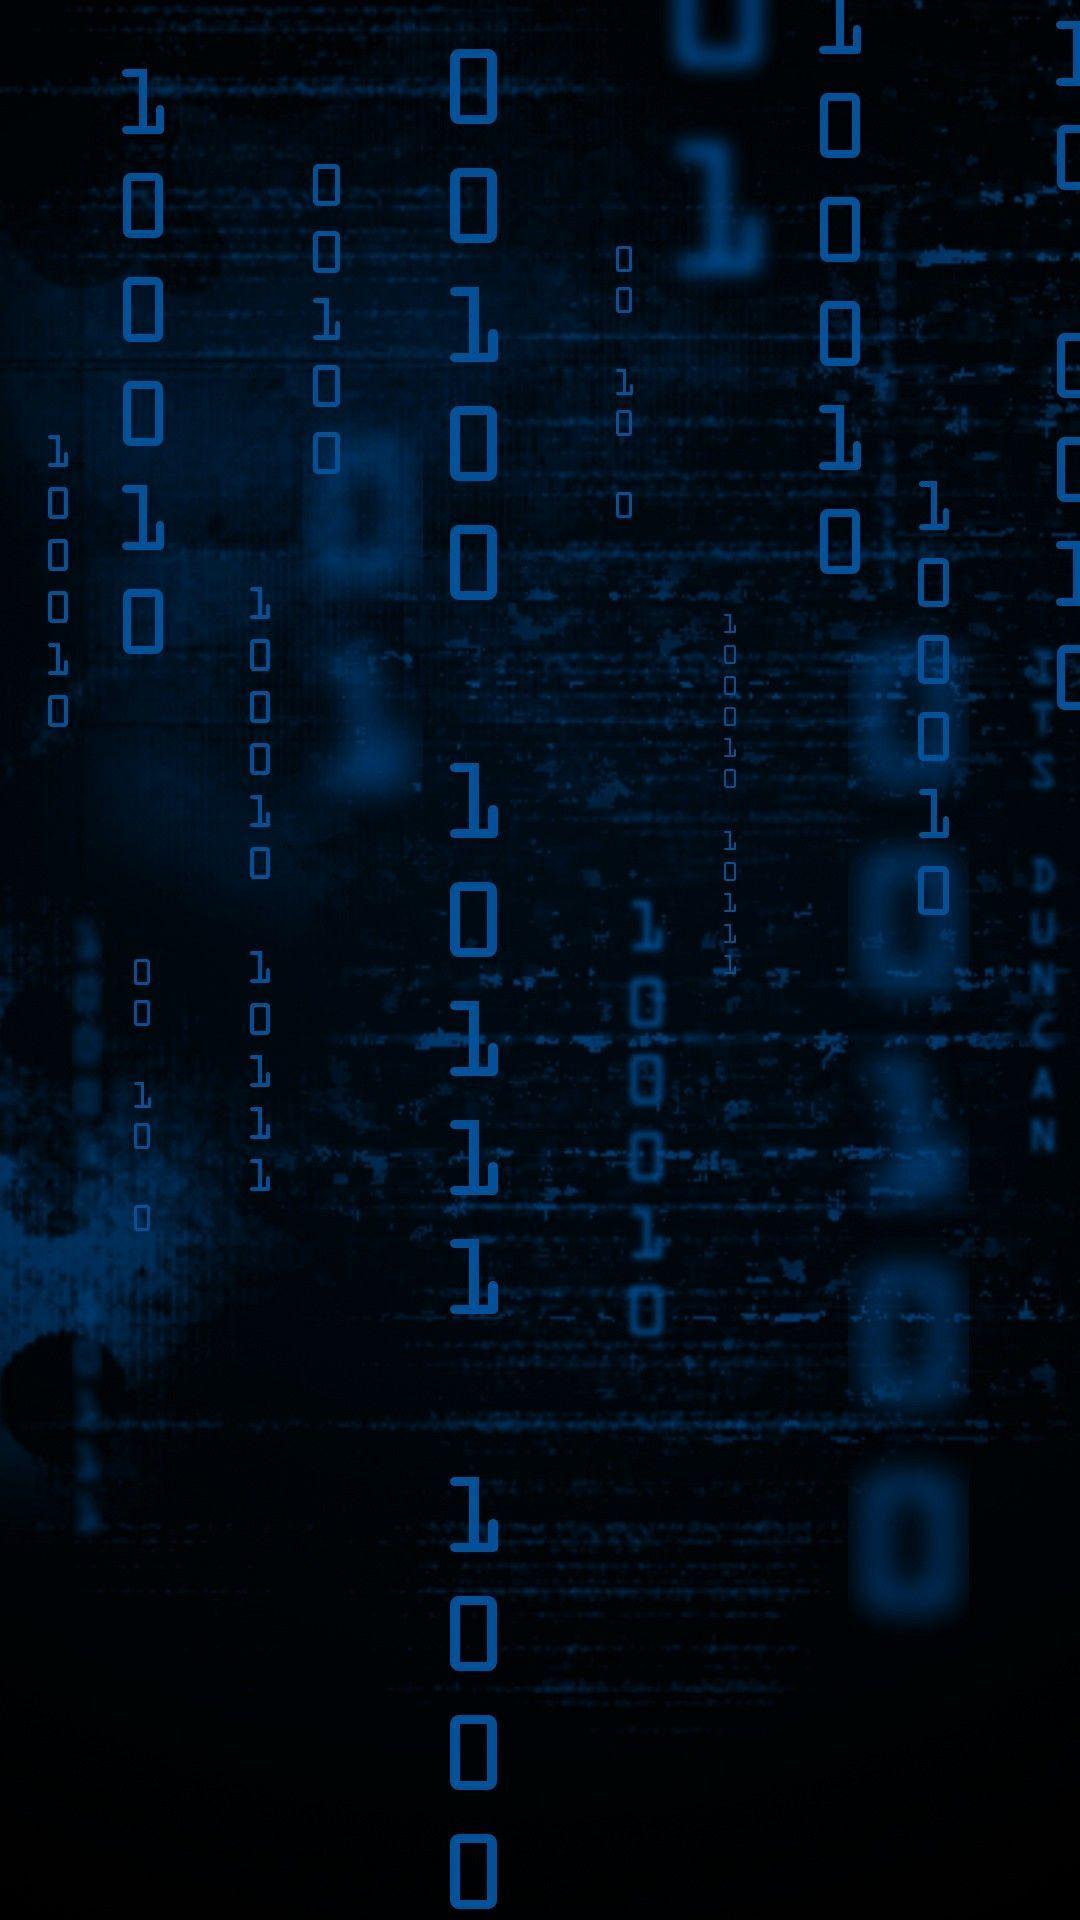 Cyberpunk Iphone Wallpaper